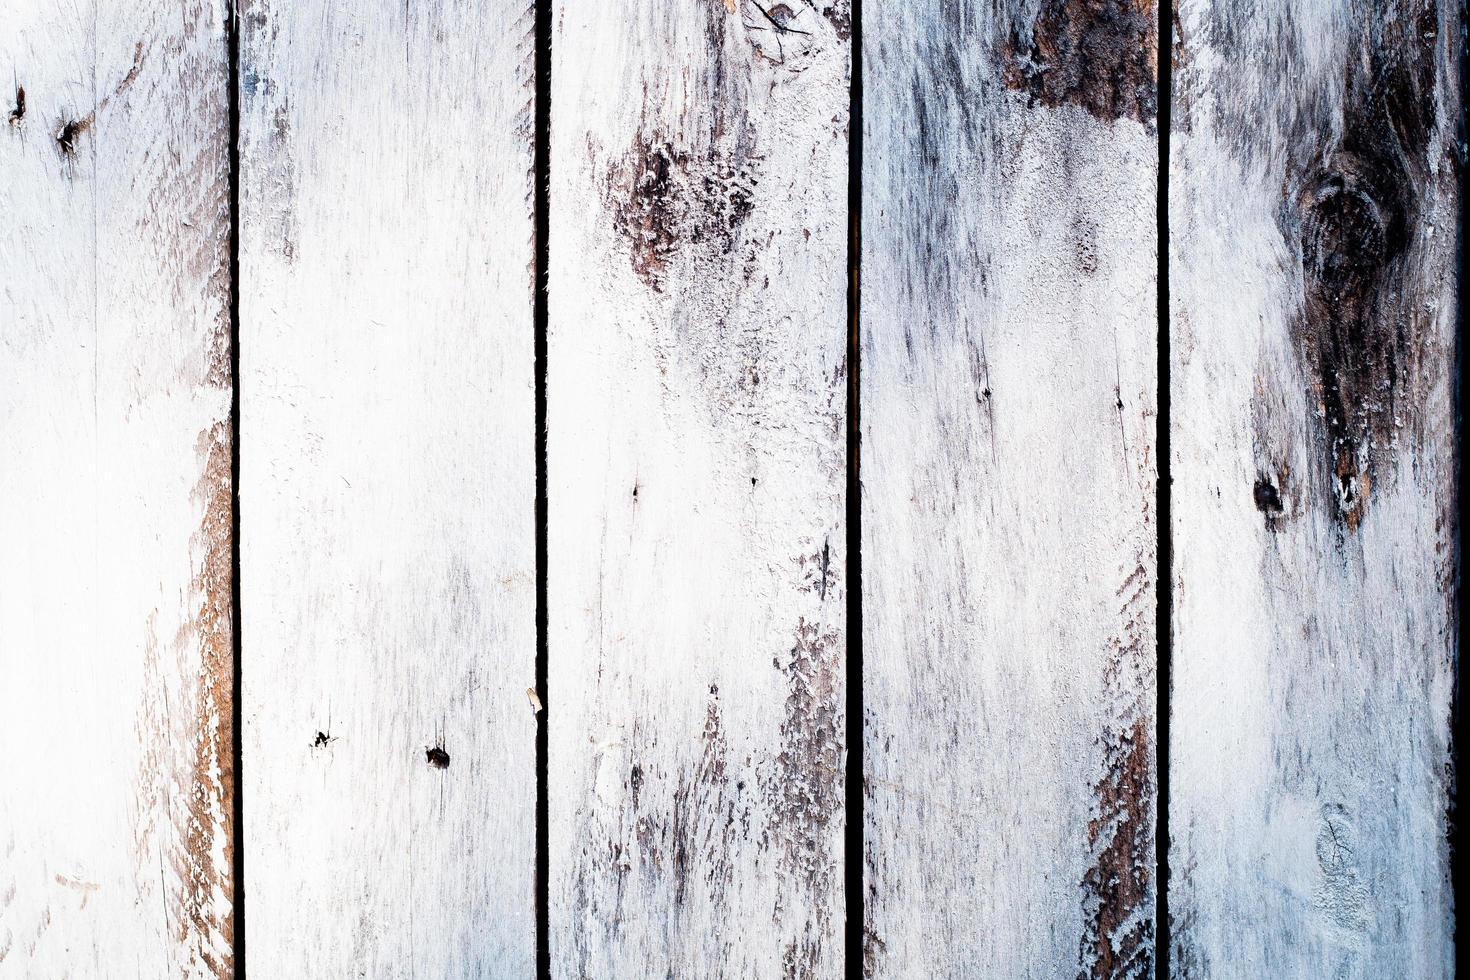 vernice scrostata su legno vecchio foto